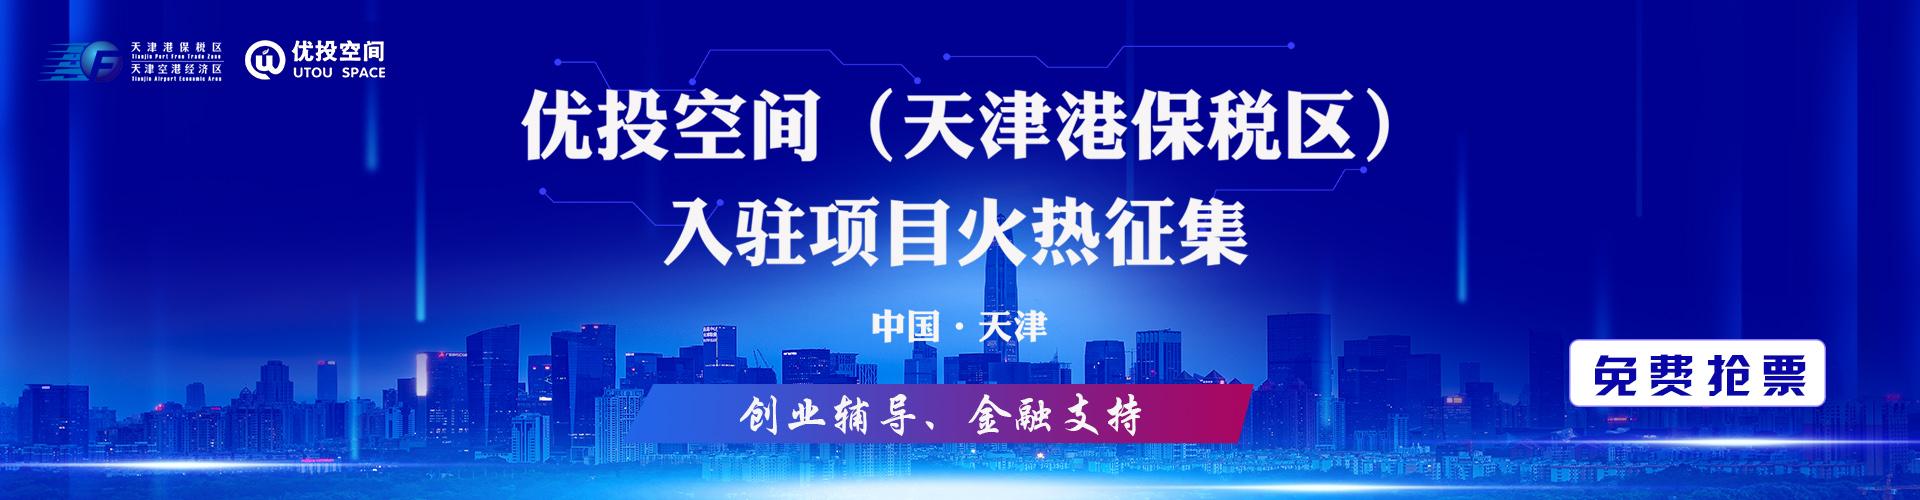 【入驻】优投空间(天津港保税区)-5A级创新载体邀你入驻